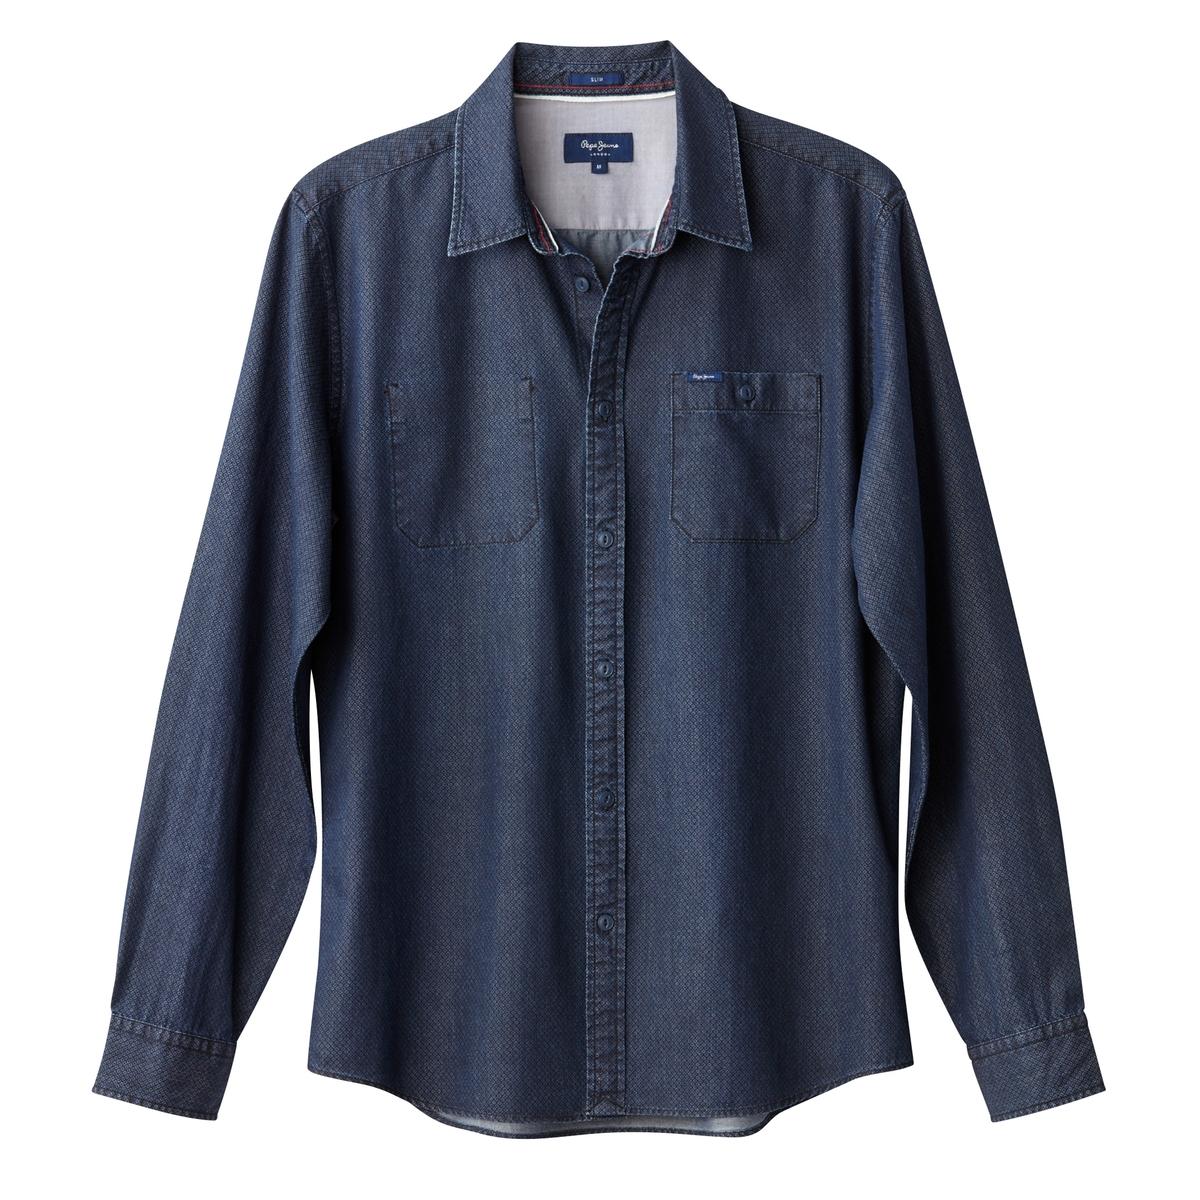 Рубашка прямого покрояДетали  •  Длинные рукава  •  Прямой покрой  •  Классический воротникСостав и уход  •  100% хлопок  •  Следуйте советам по уходу, указанным на этикетке<br><br>Цвет: синий индиго